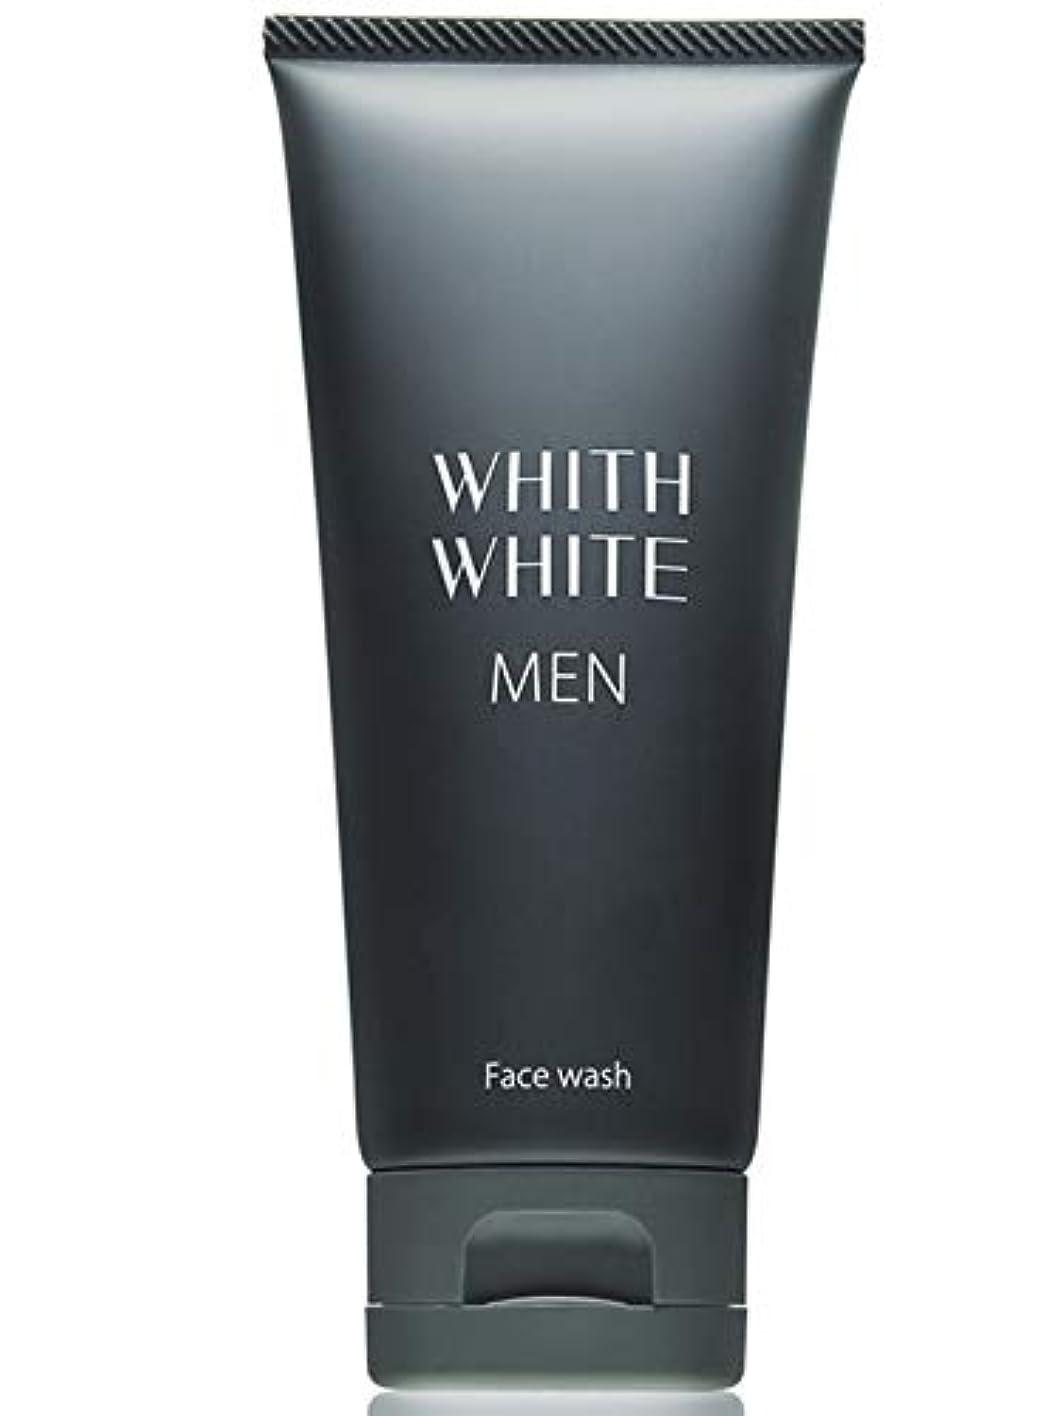 記述する血まみれの上下する洗顔 メンズ 医薬部外品 【 男 の しみ くすみ 対策 】 フィス ホワイト 「 30代~50代の 男性 専用 洗顔フォーム 」「 保湿 ヒアルロン酸 配合 洗顔料 」(男性用 スキンケア 化粧品 )95g